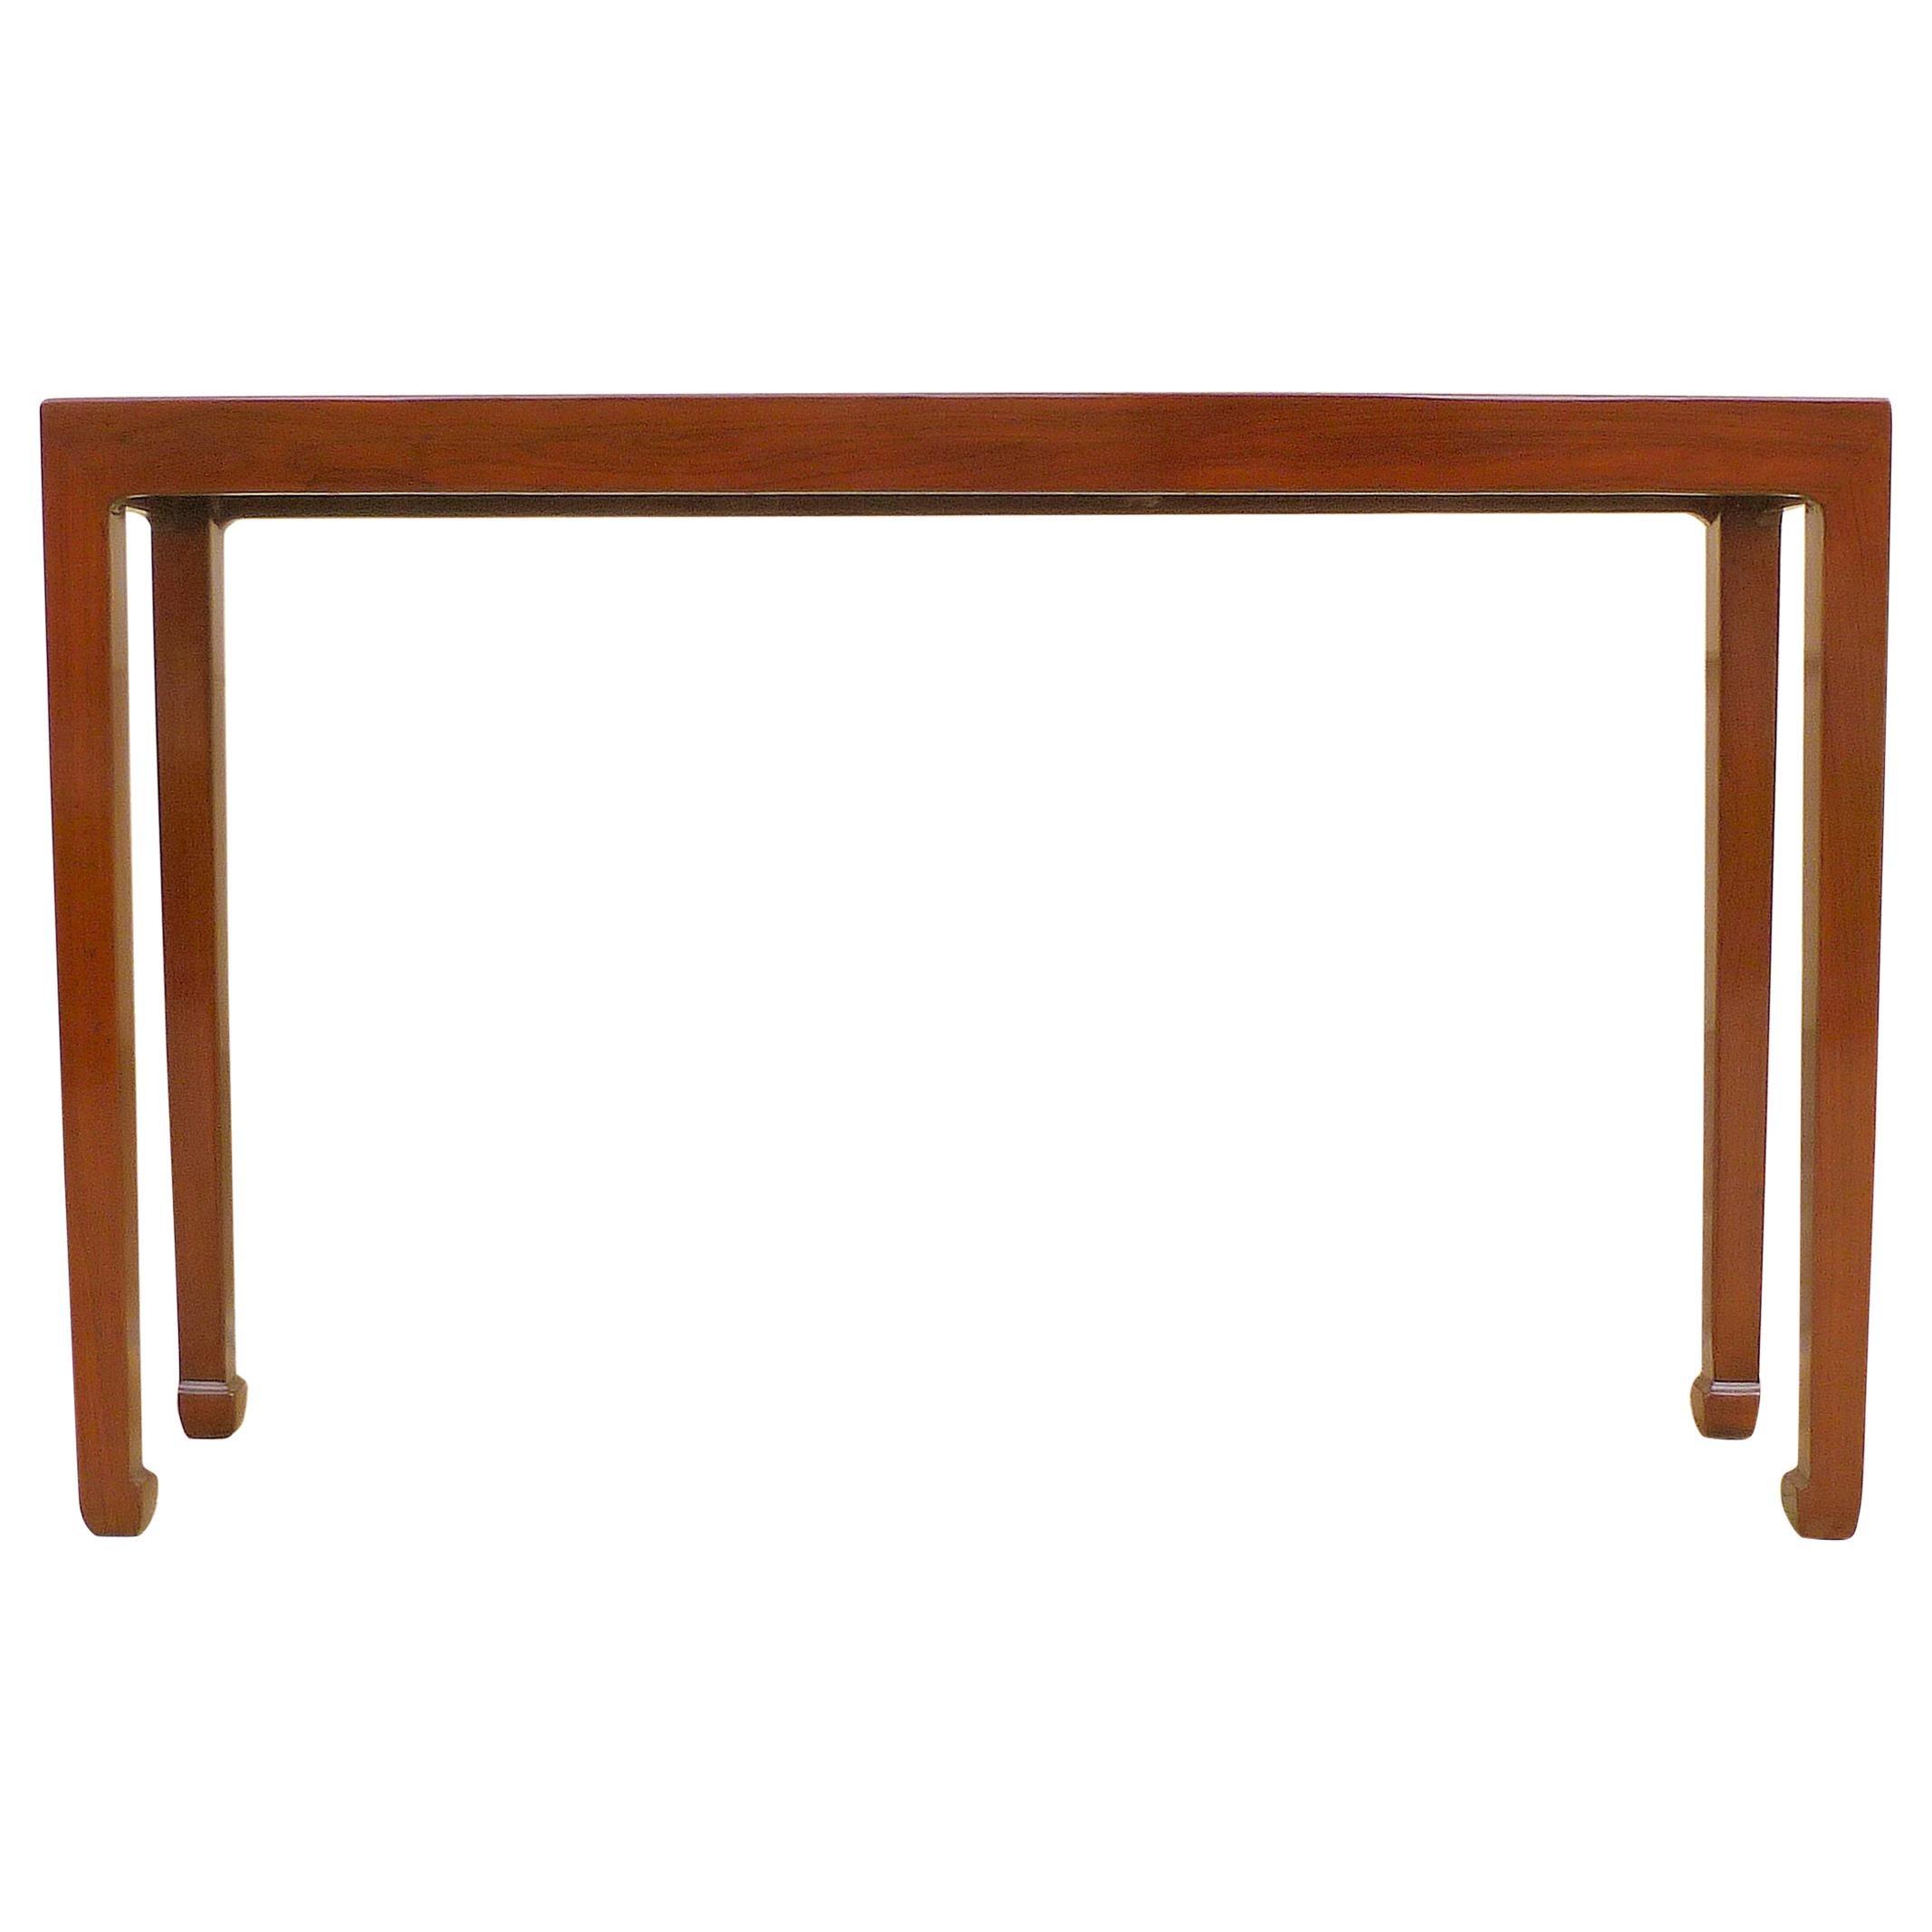 Fine Jumu Console Table